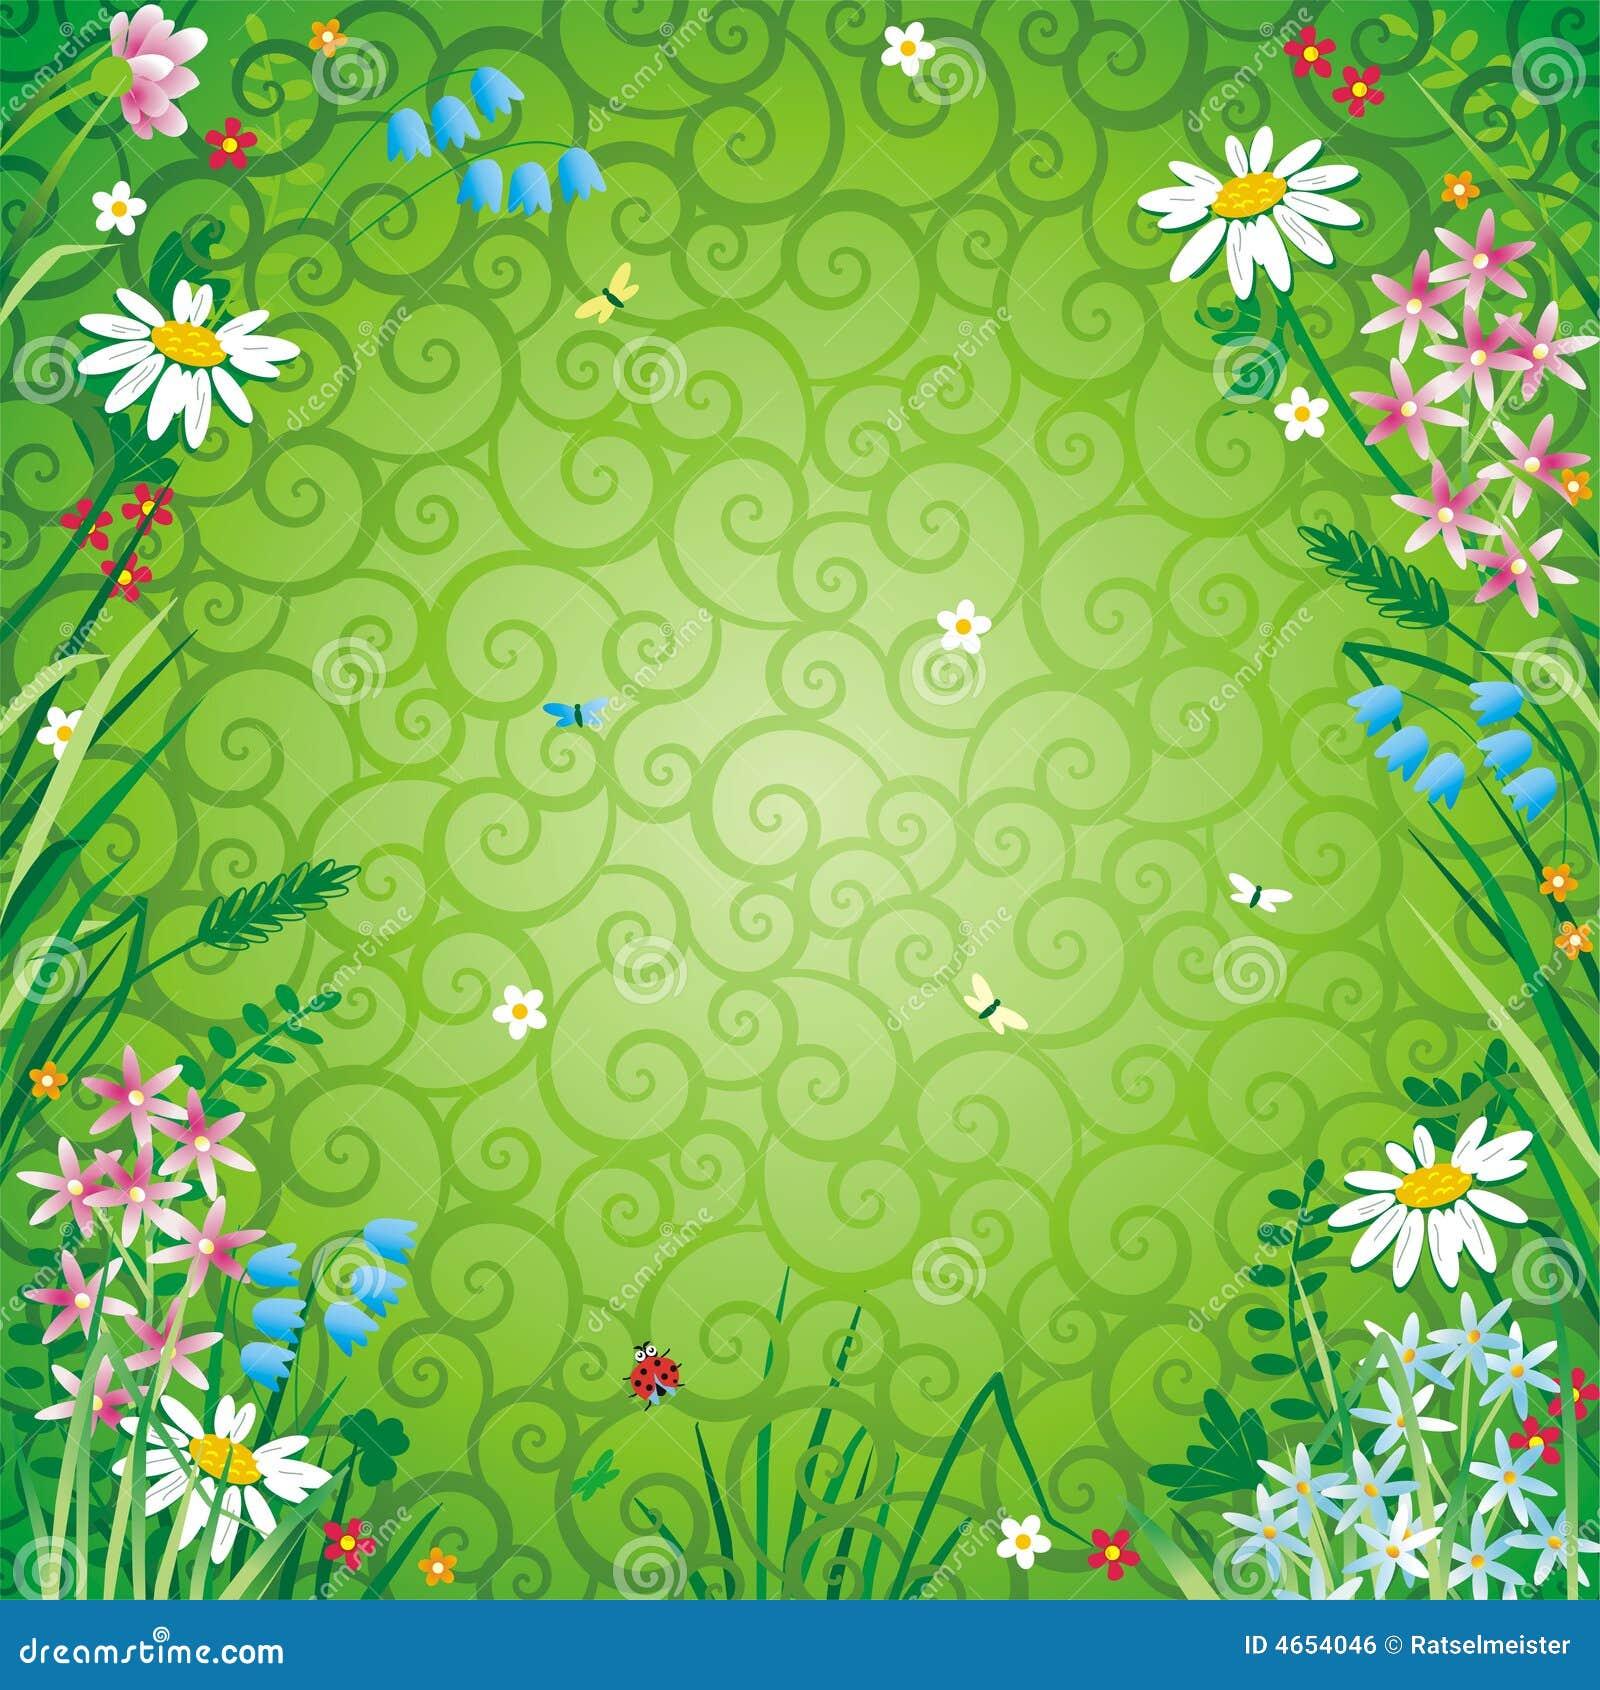 Spring or summer floral background